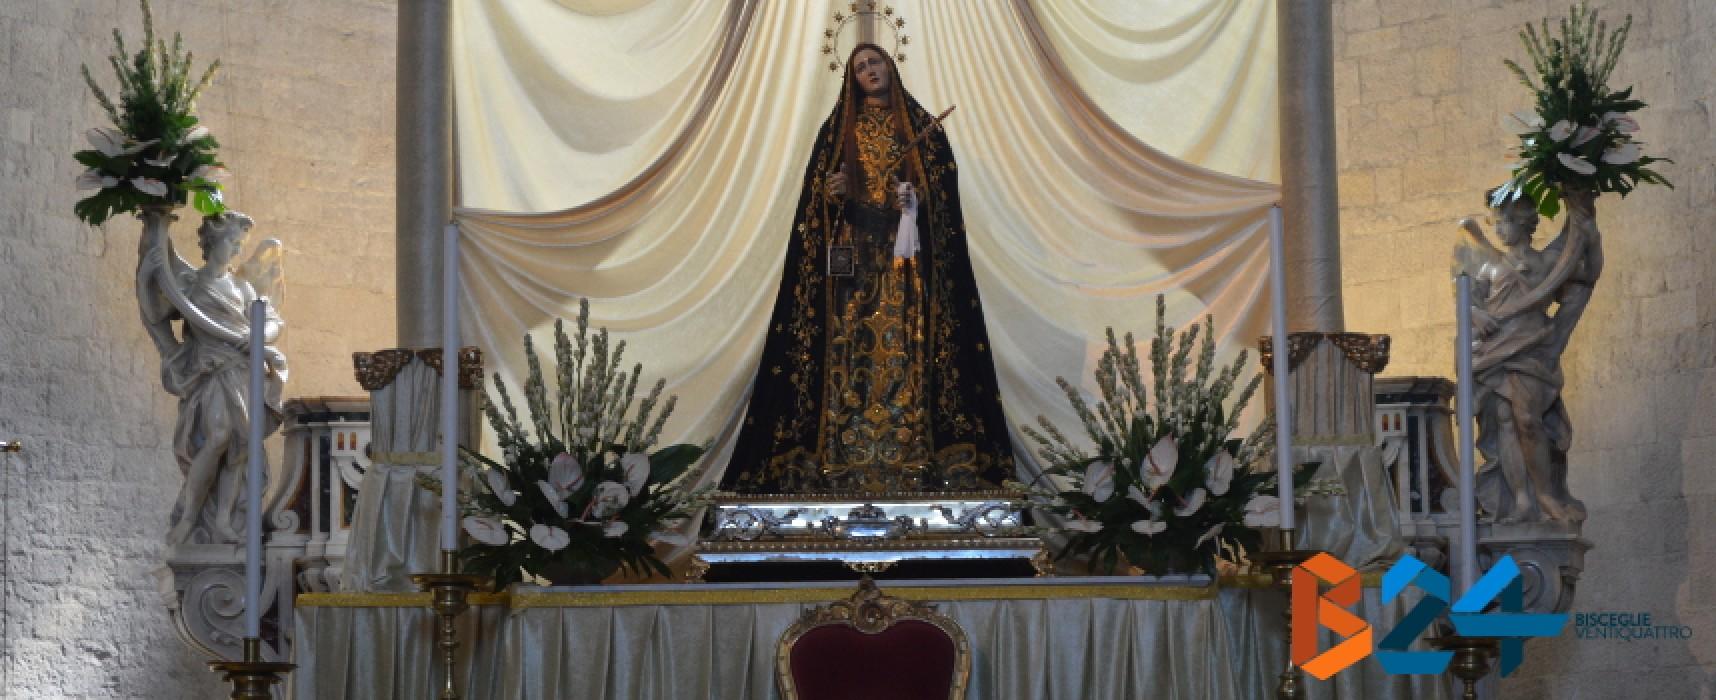 Oggi cominciano i festeggiamenti in onore dell'Addolorata / PROGRAMMA COMPLETO